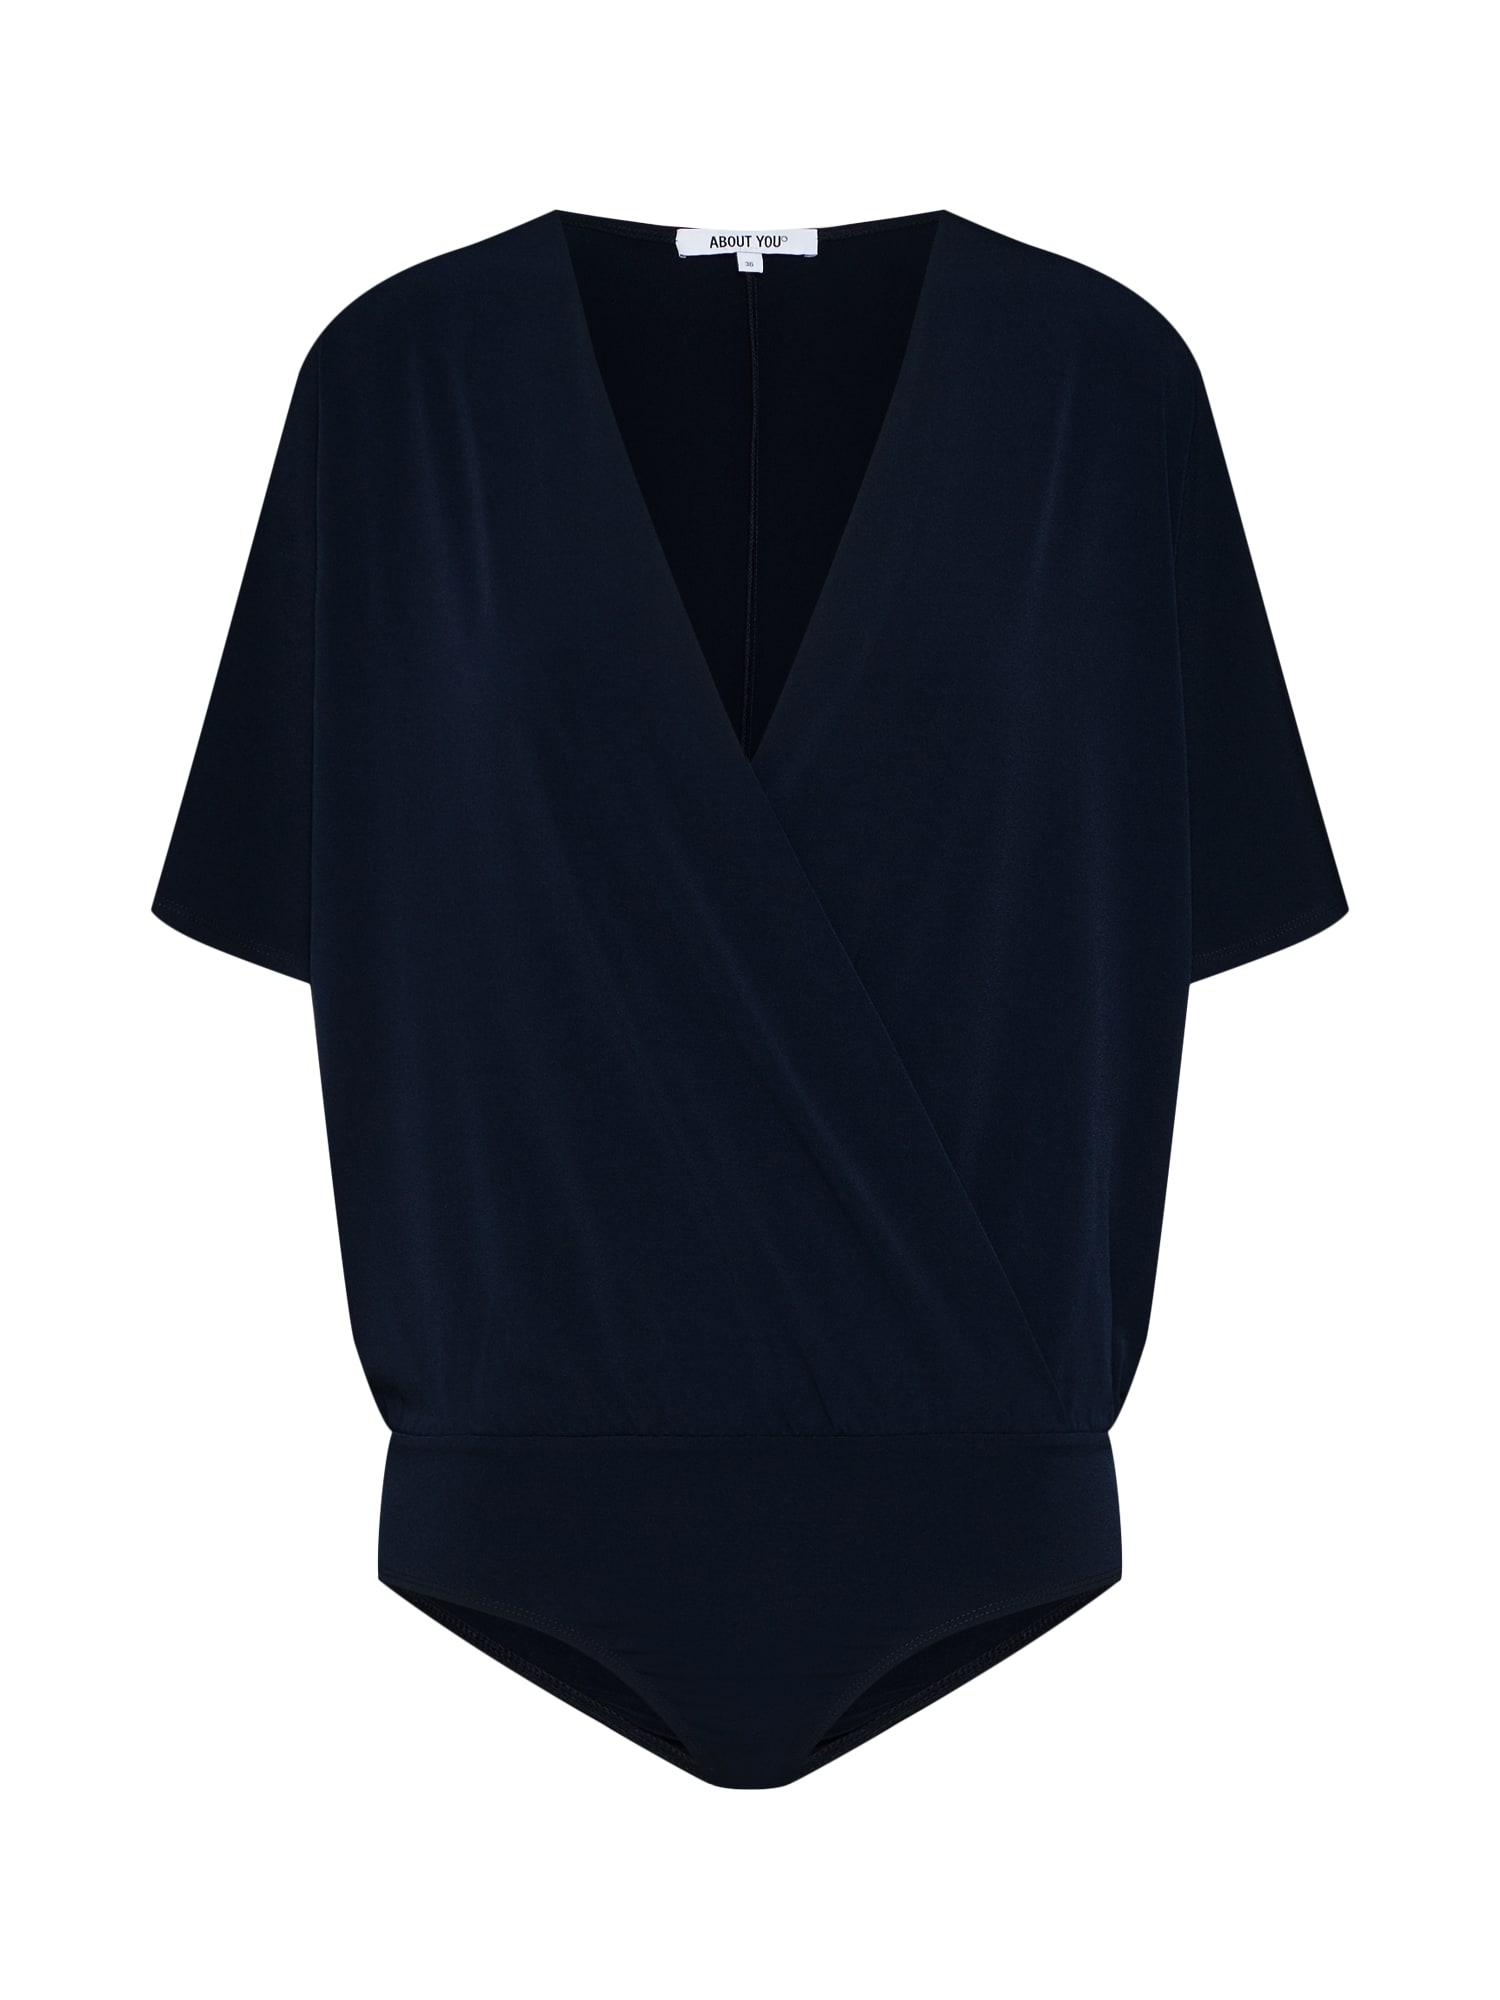 Tričko Adriana námořnická modř ABOUT YOU